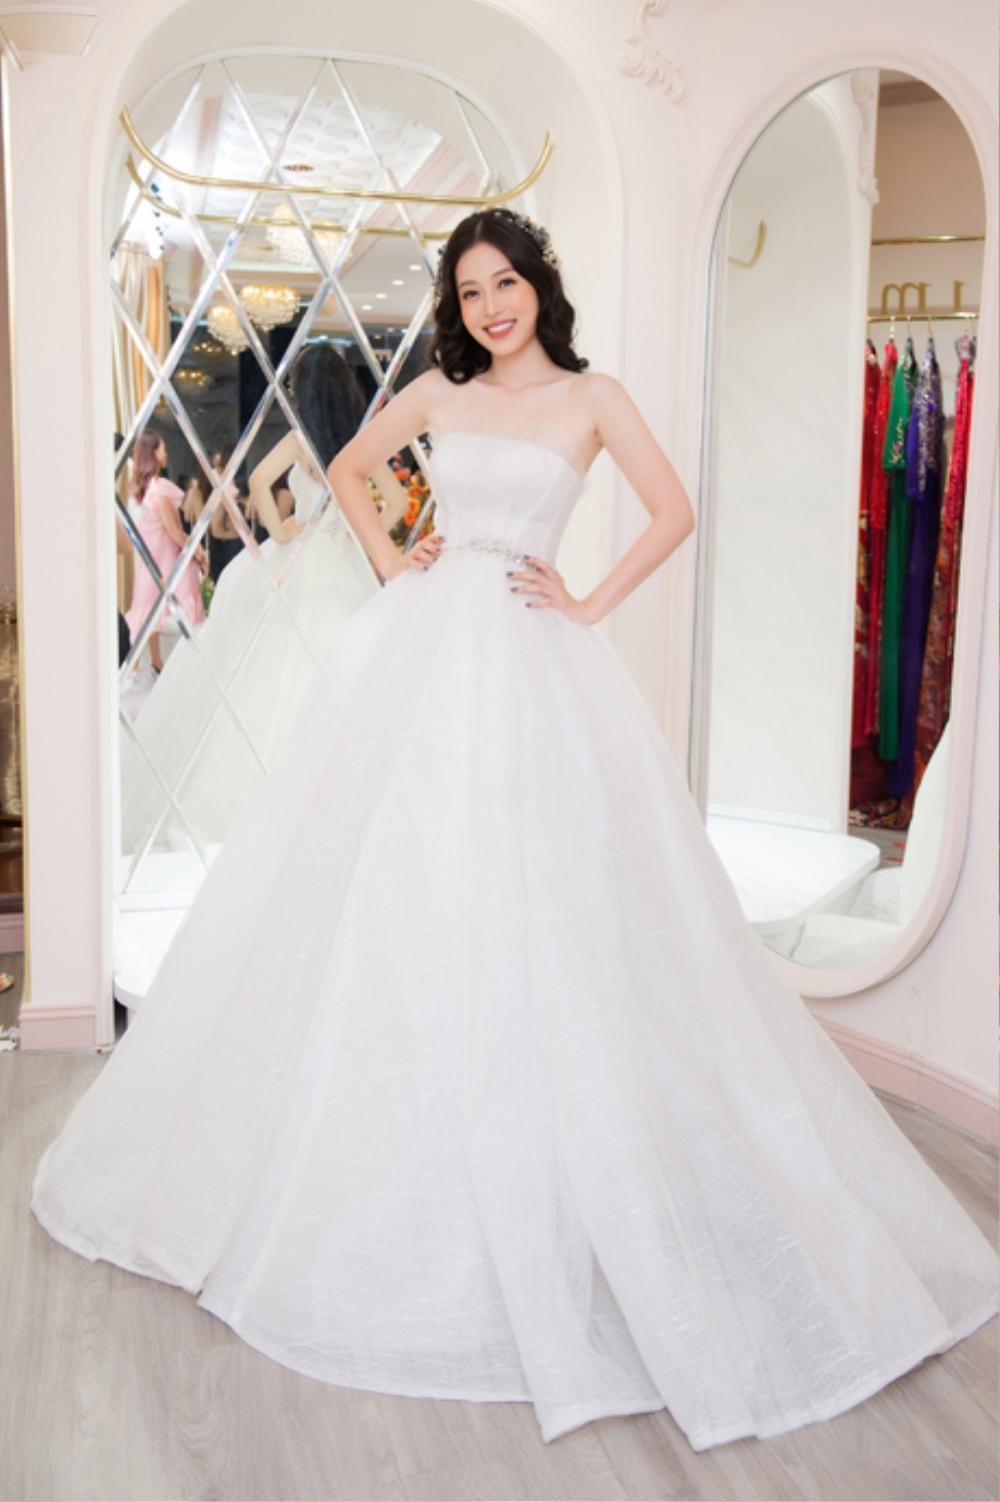 Phương Nga diện váy cưới xinh hết nấc, fan thi nhau chúc mừng chờ đón đám cưới cùng Bình An Ảnh 5